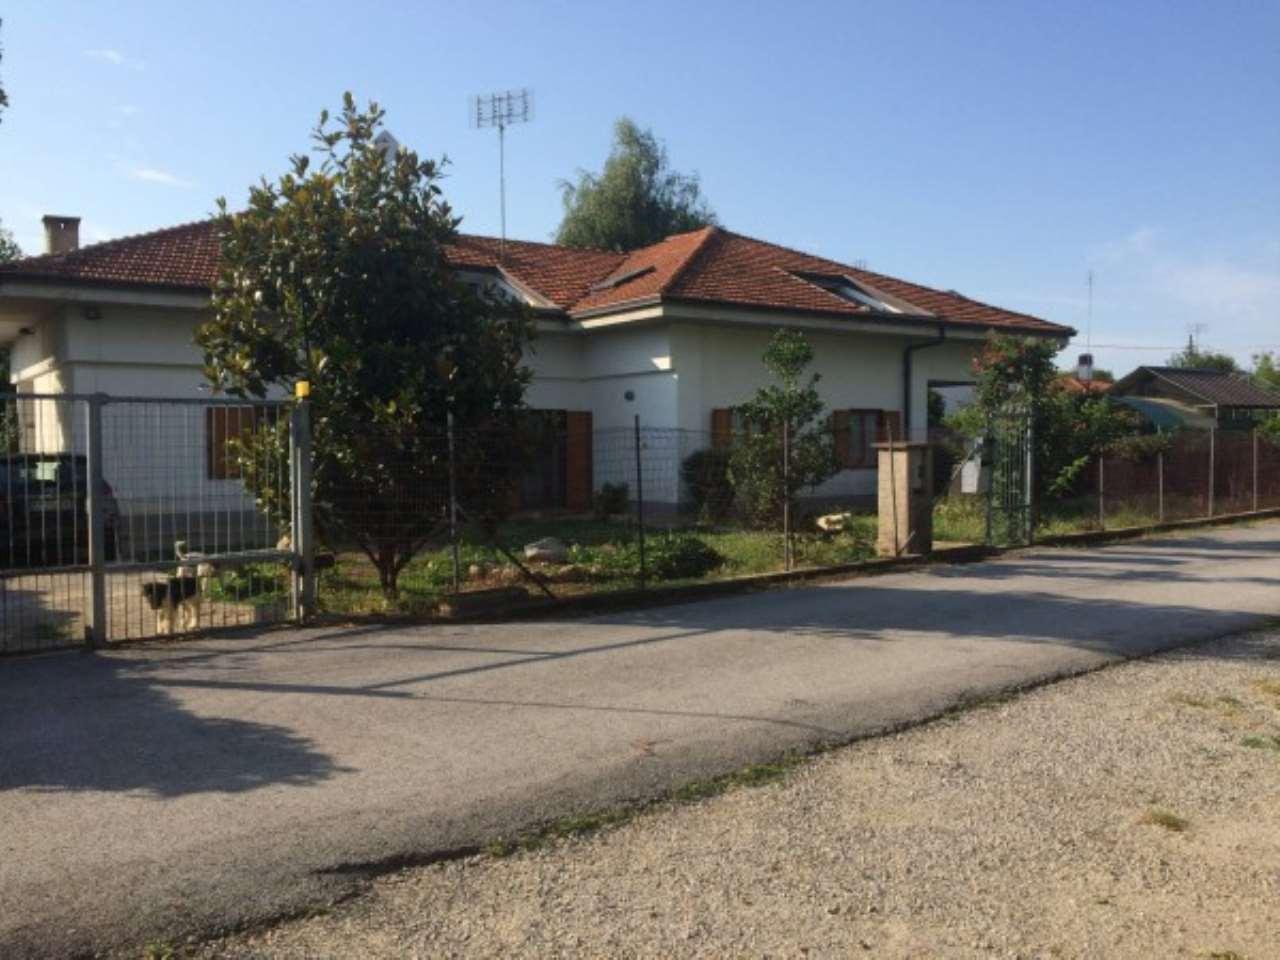 Villa in vendita a Cuneo, 6 locali, prezzo € 350.000   CambioCasa.it